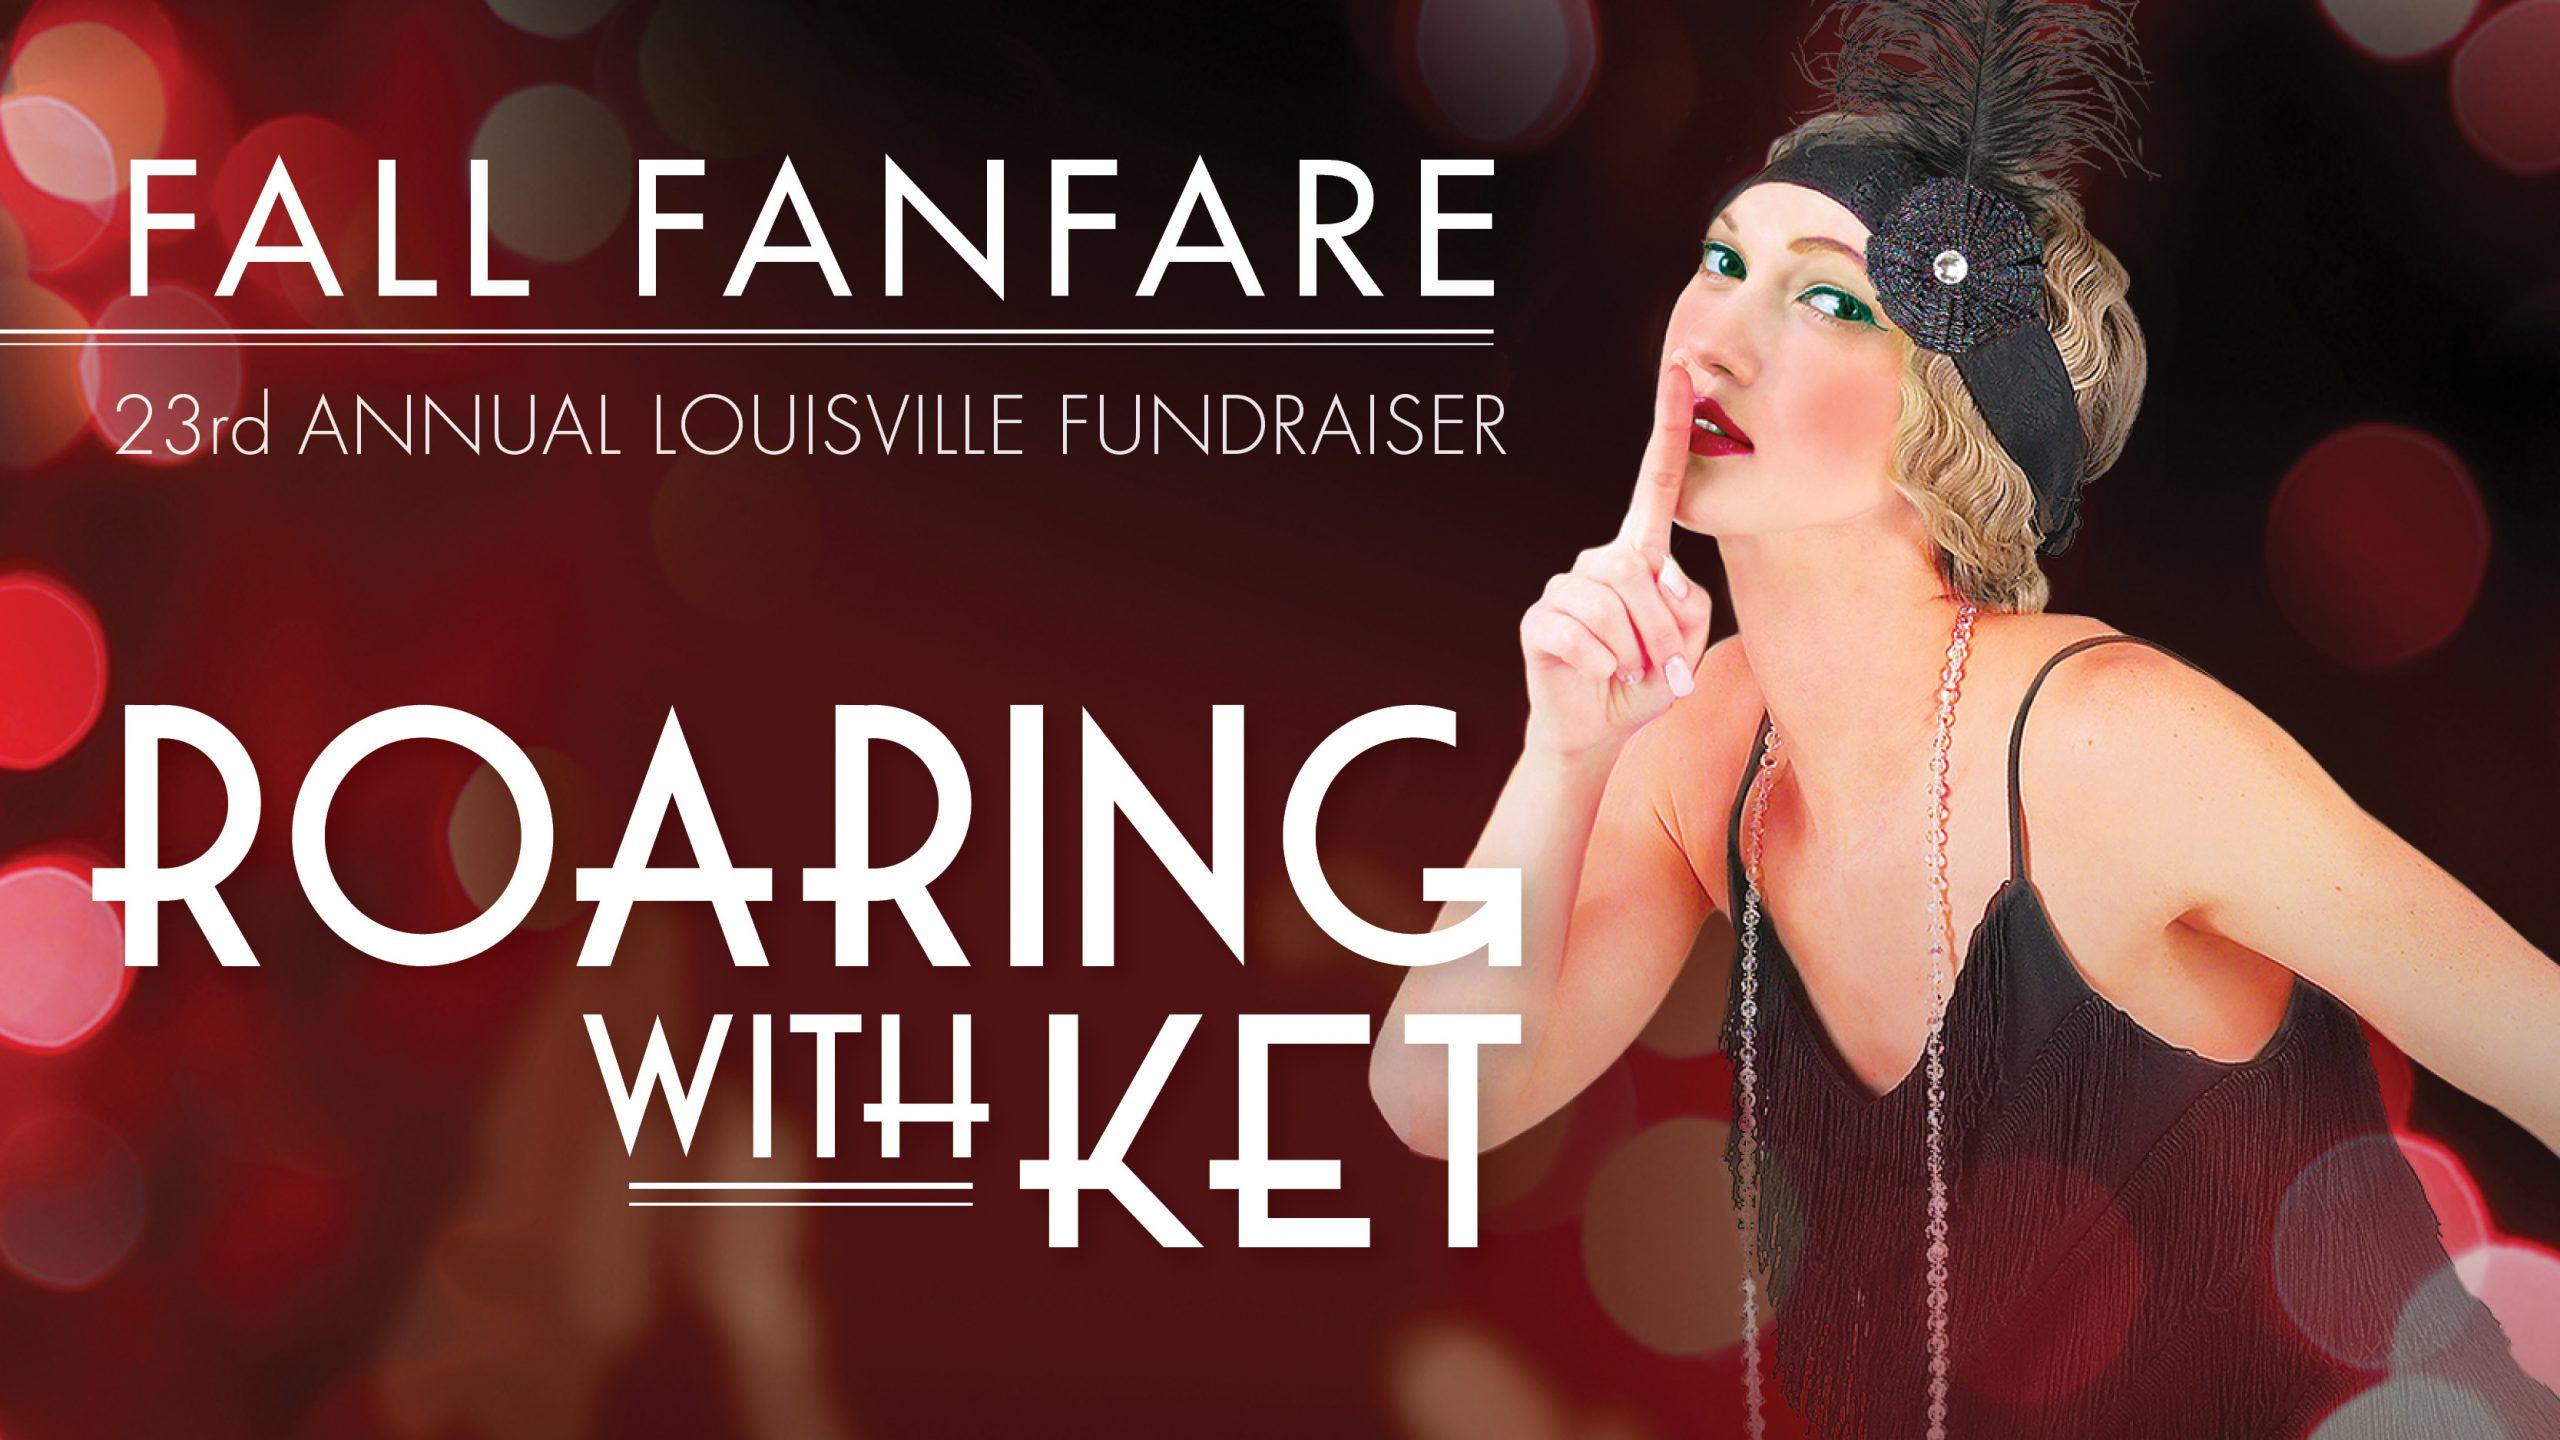 Fall Fanfar - Roaring with KET